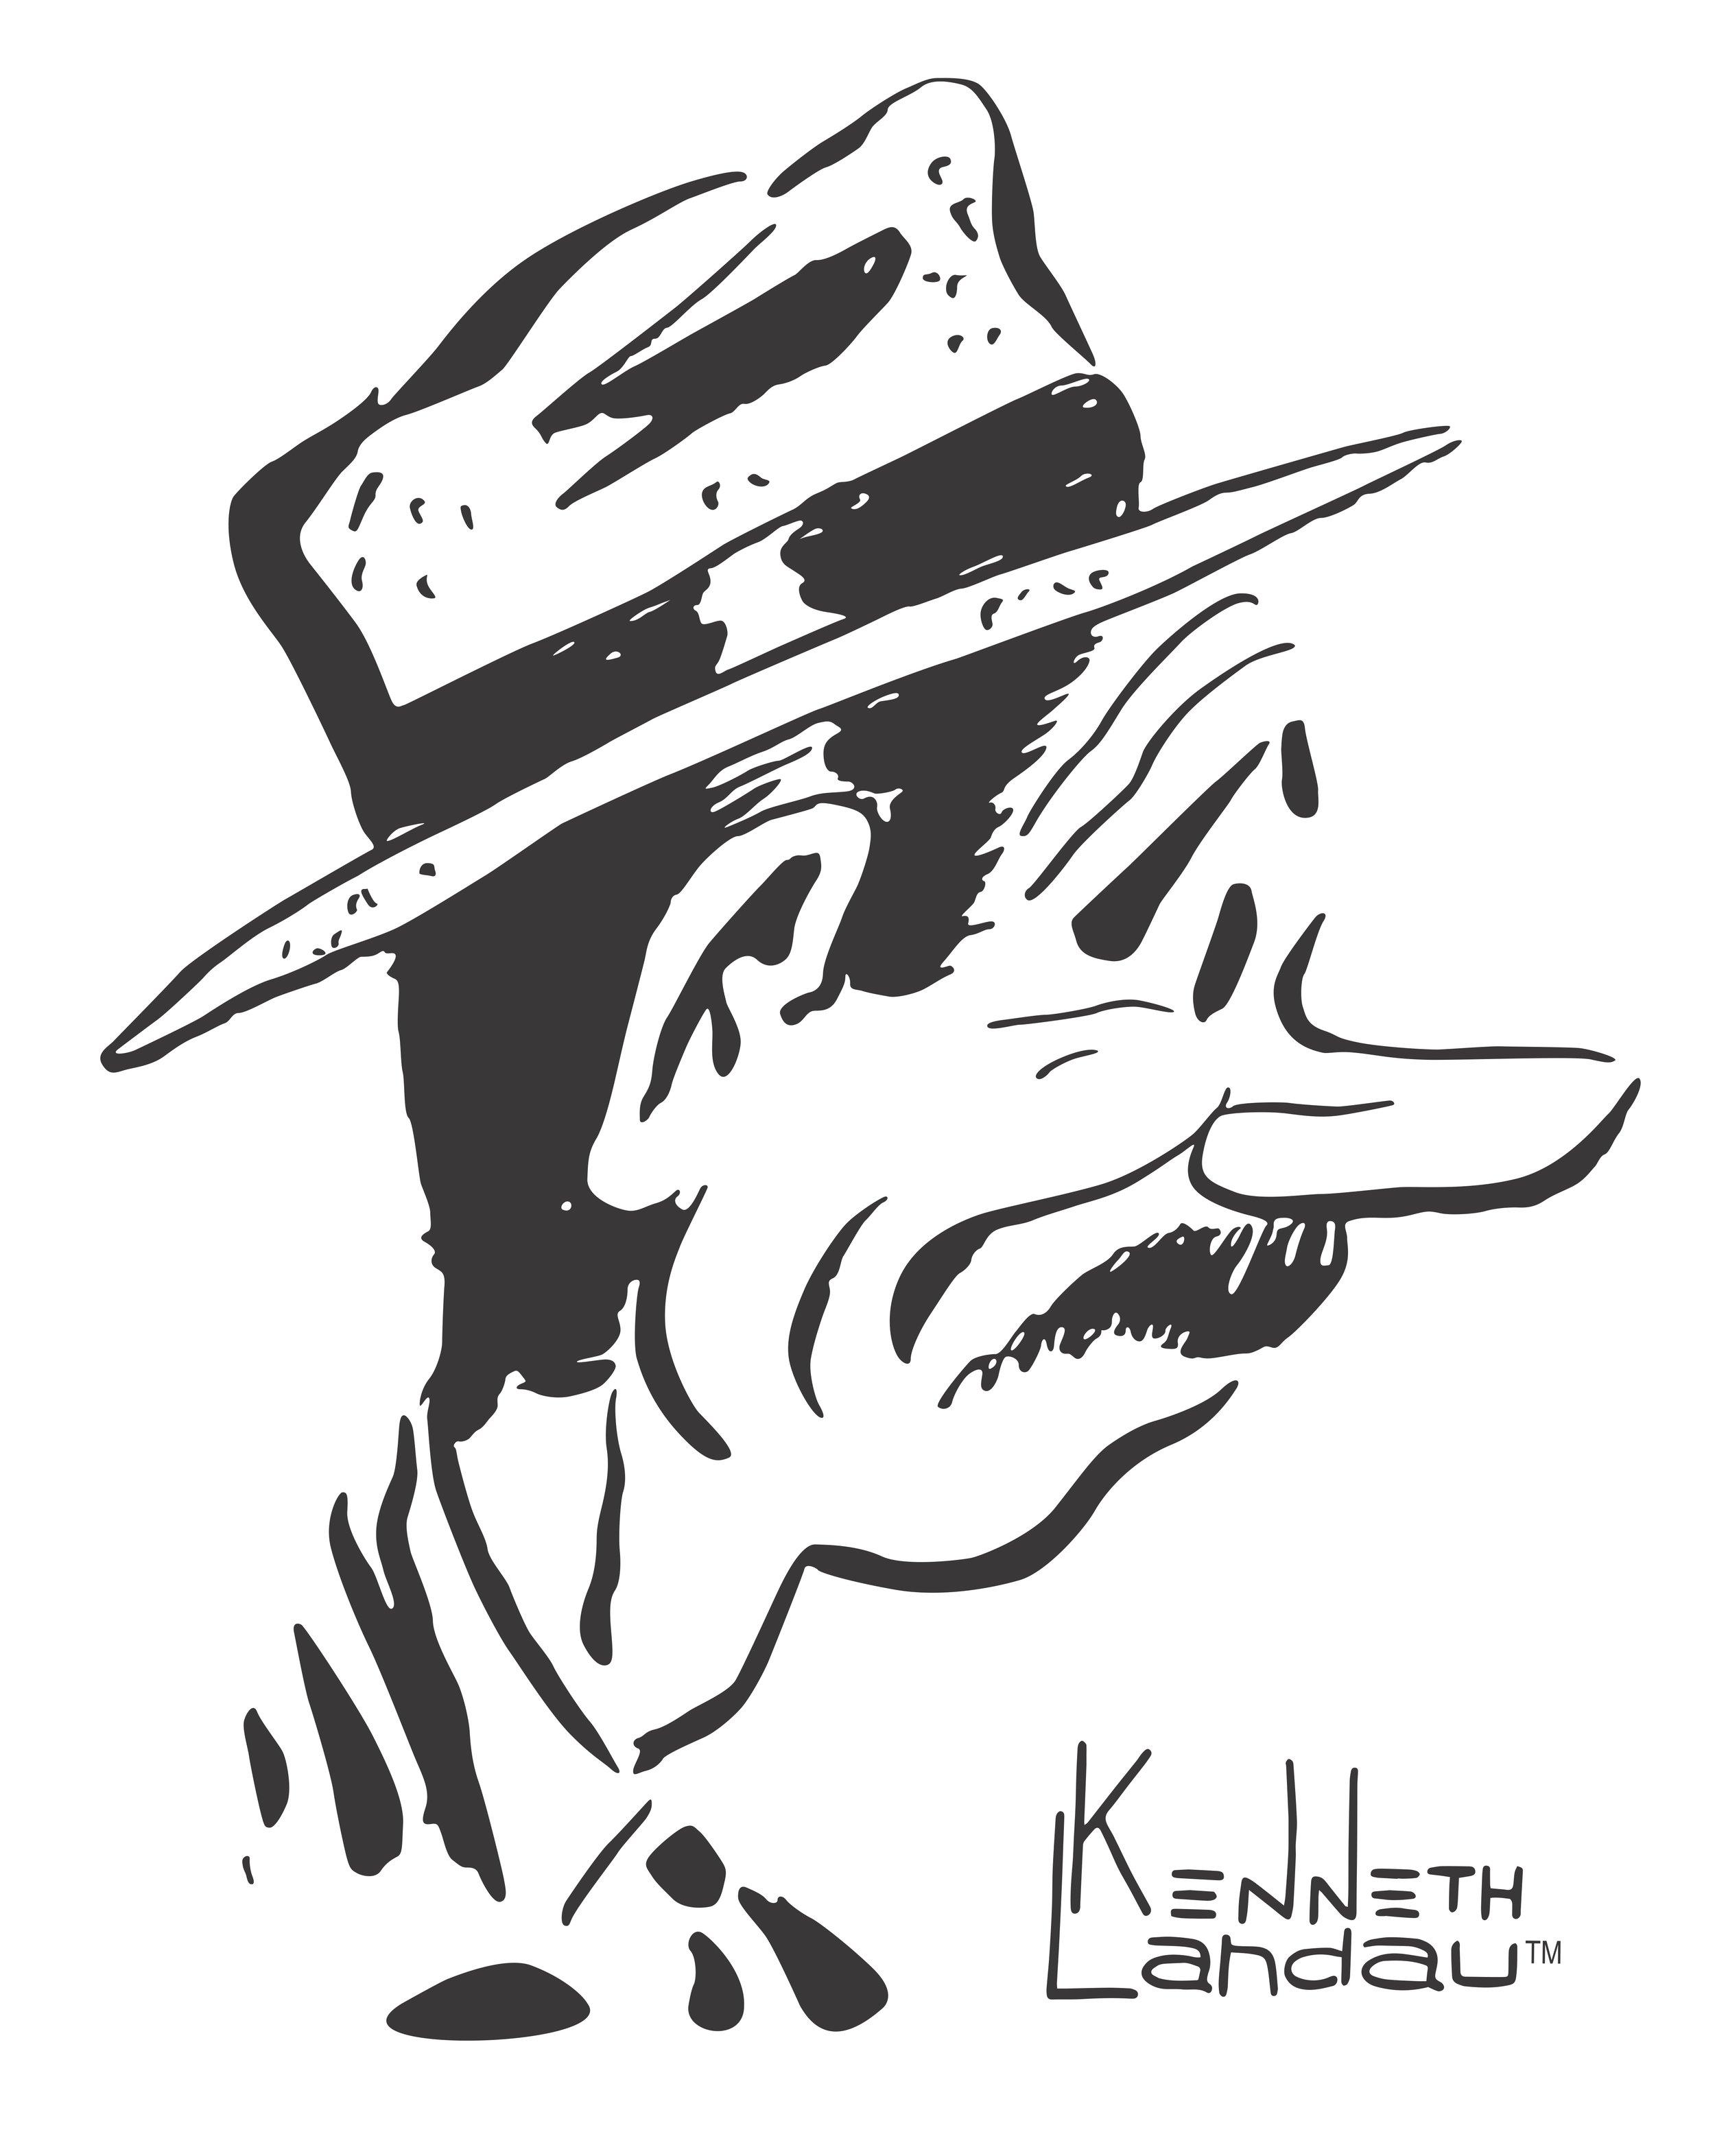 KennethLandau_Face_6.jpg